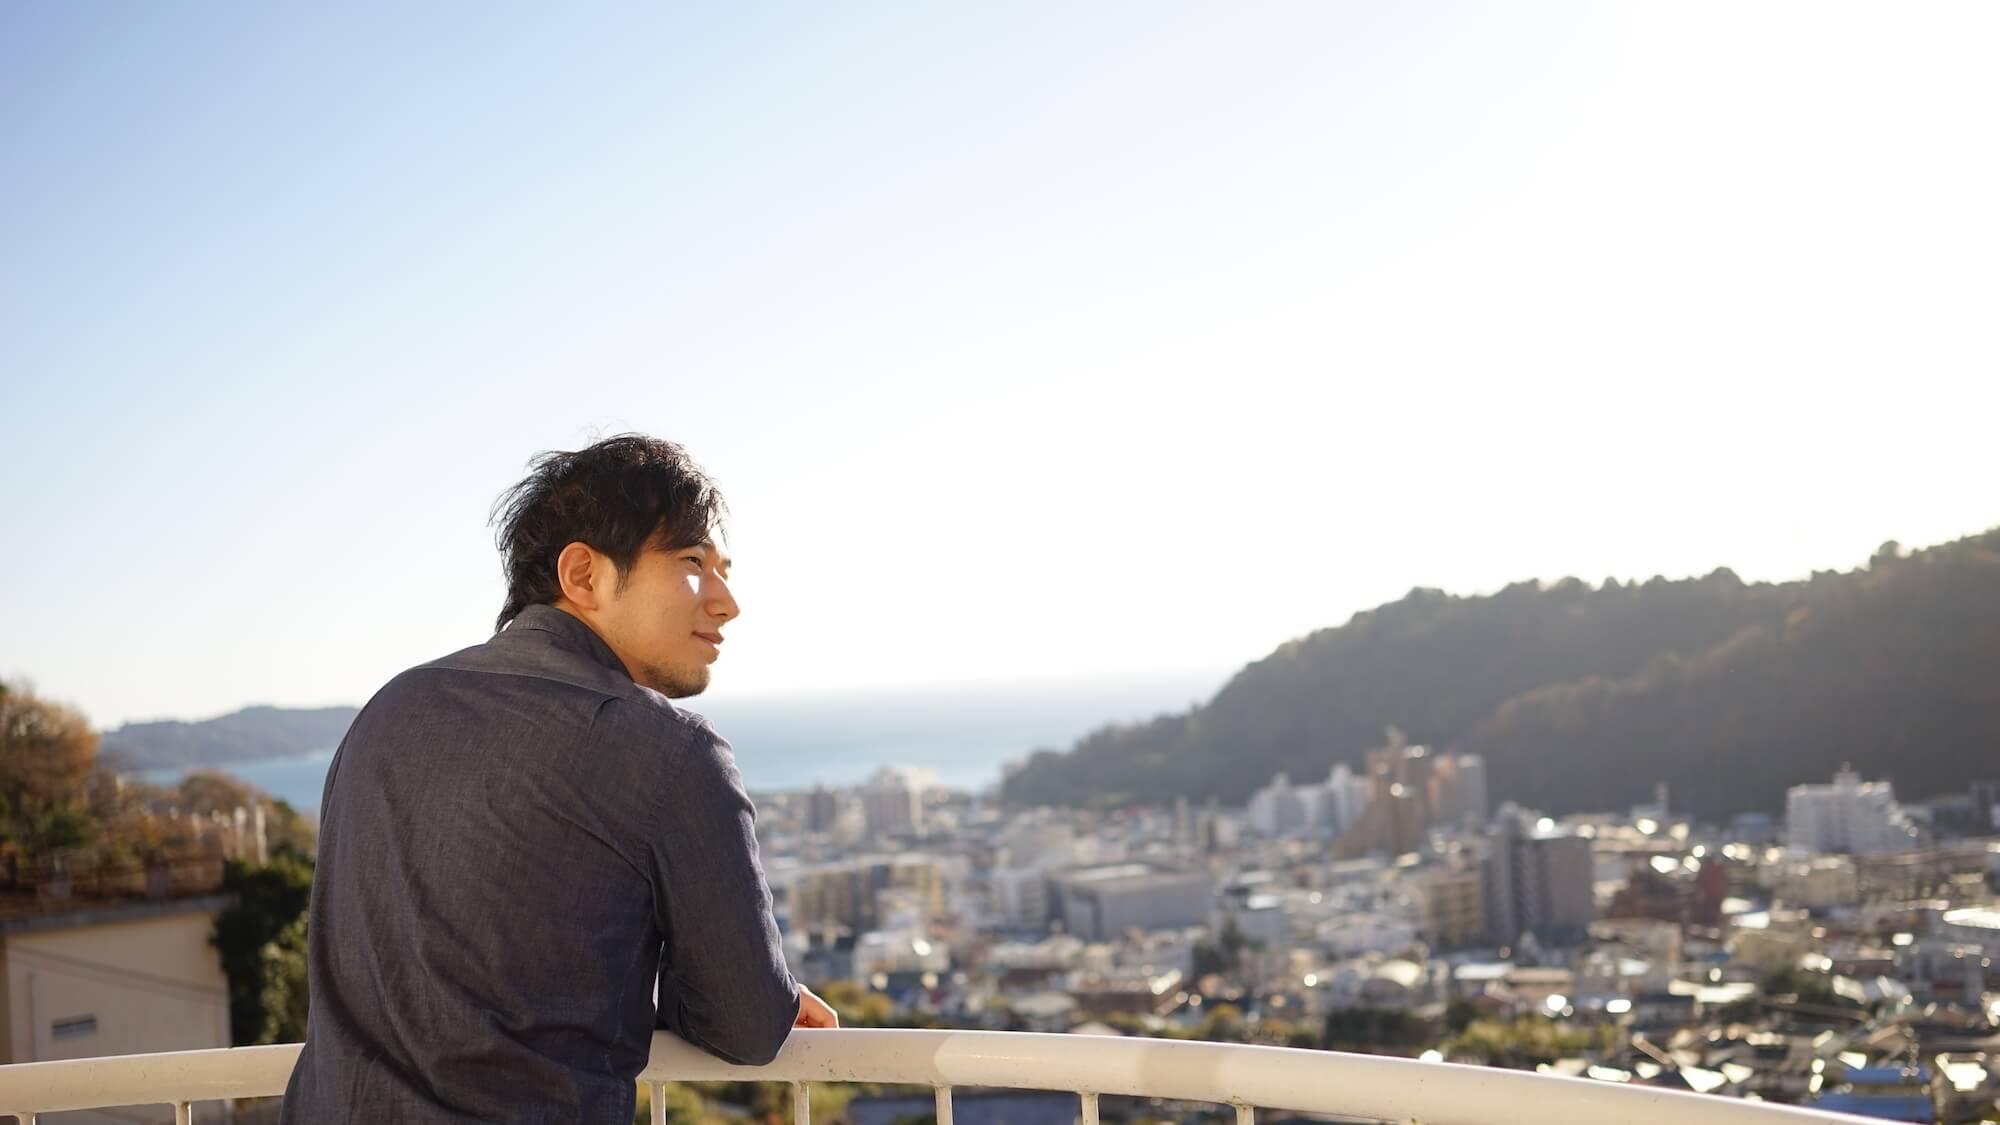 【神奈川】湯河原一眺めがキレイなホテル!湯河原温泉『ホテルあかね』